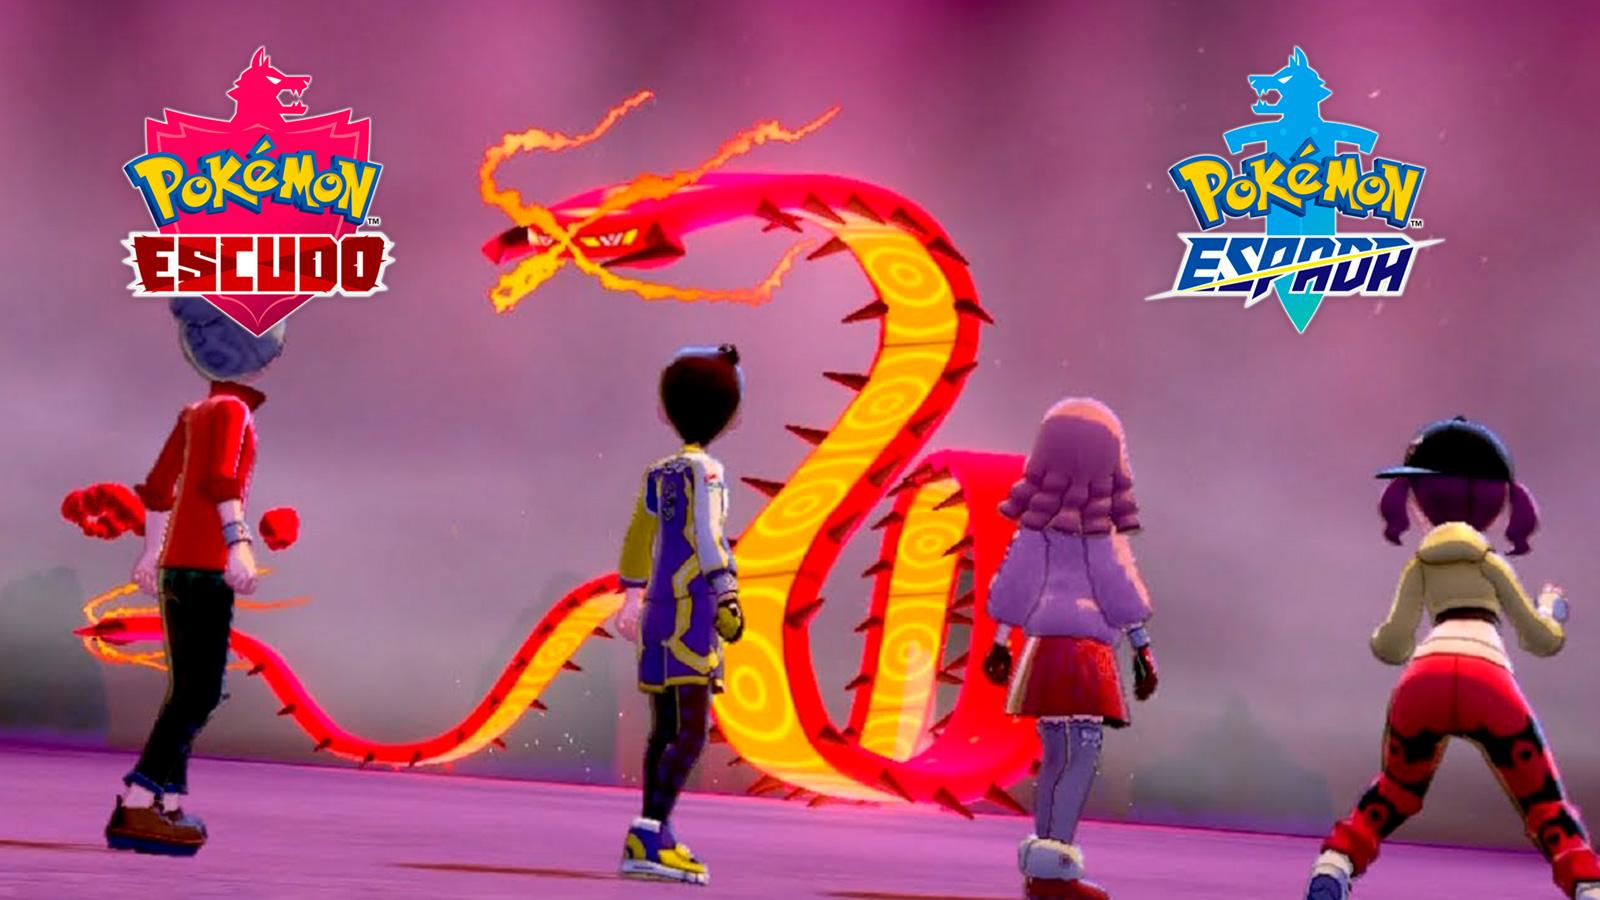 Centishkorch en Pokémon Espada y Escudo